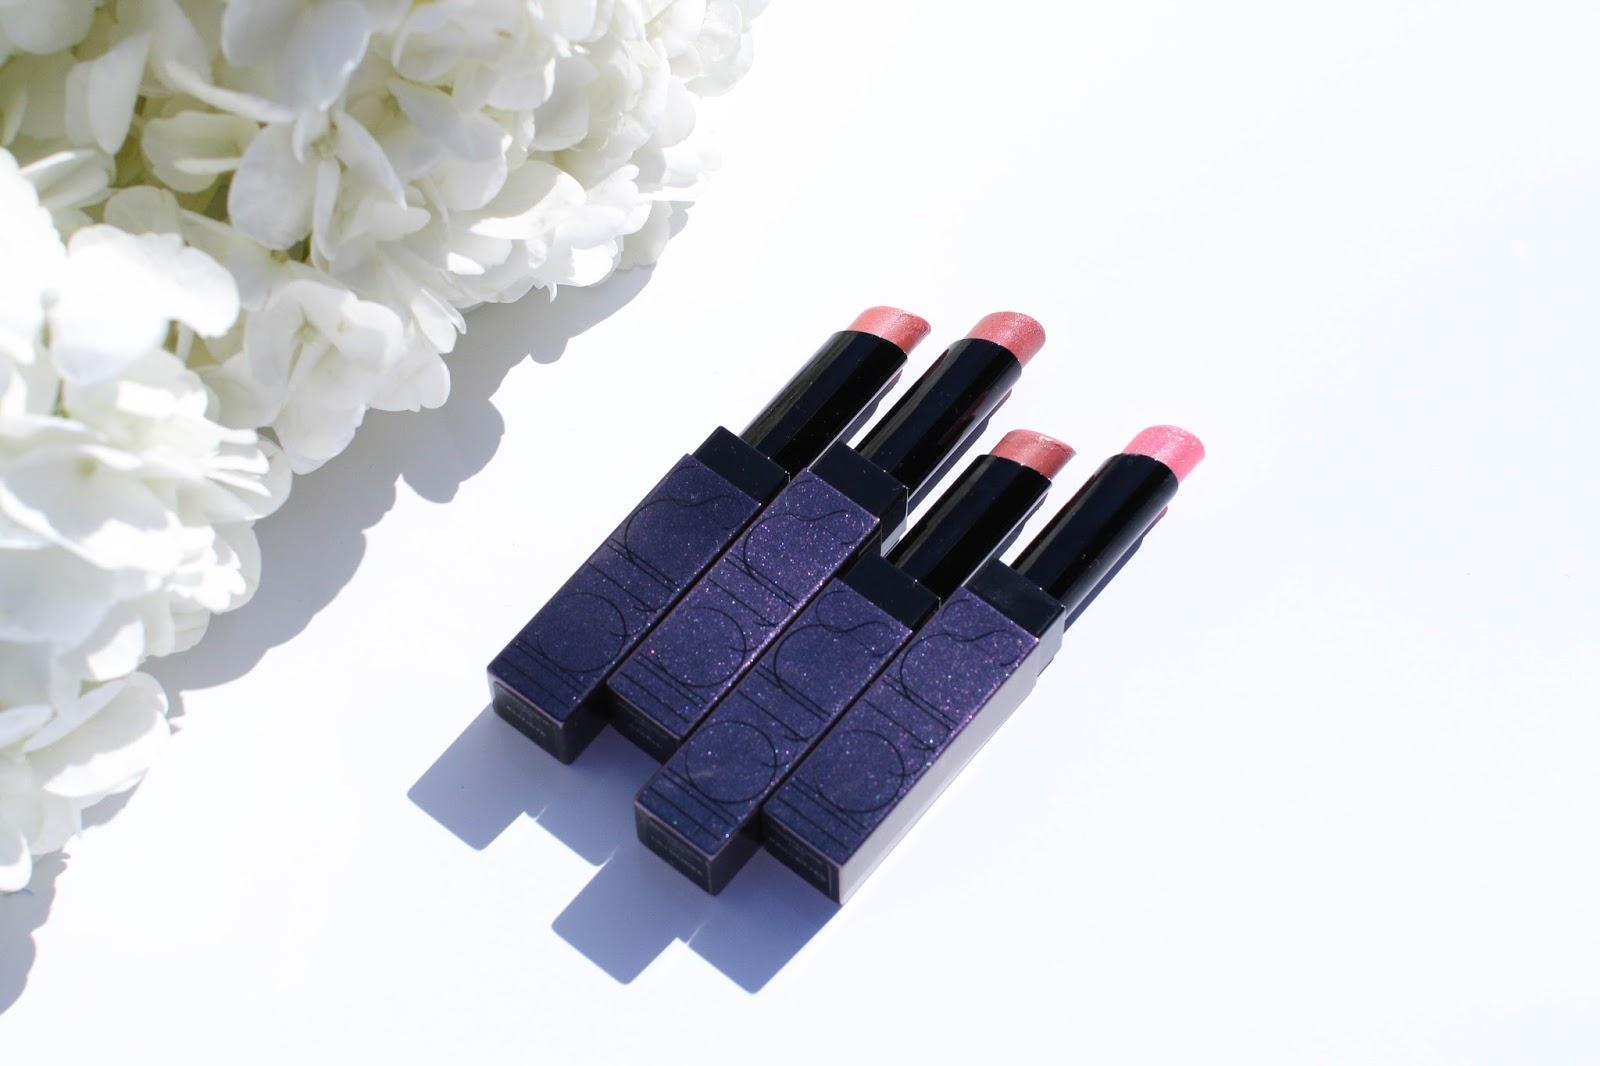 Surratt Beauty Prismatique Lips